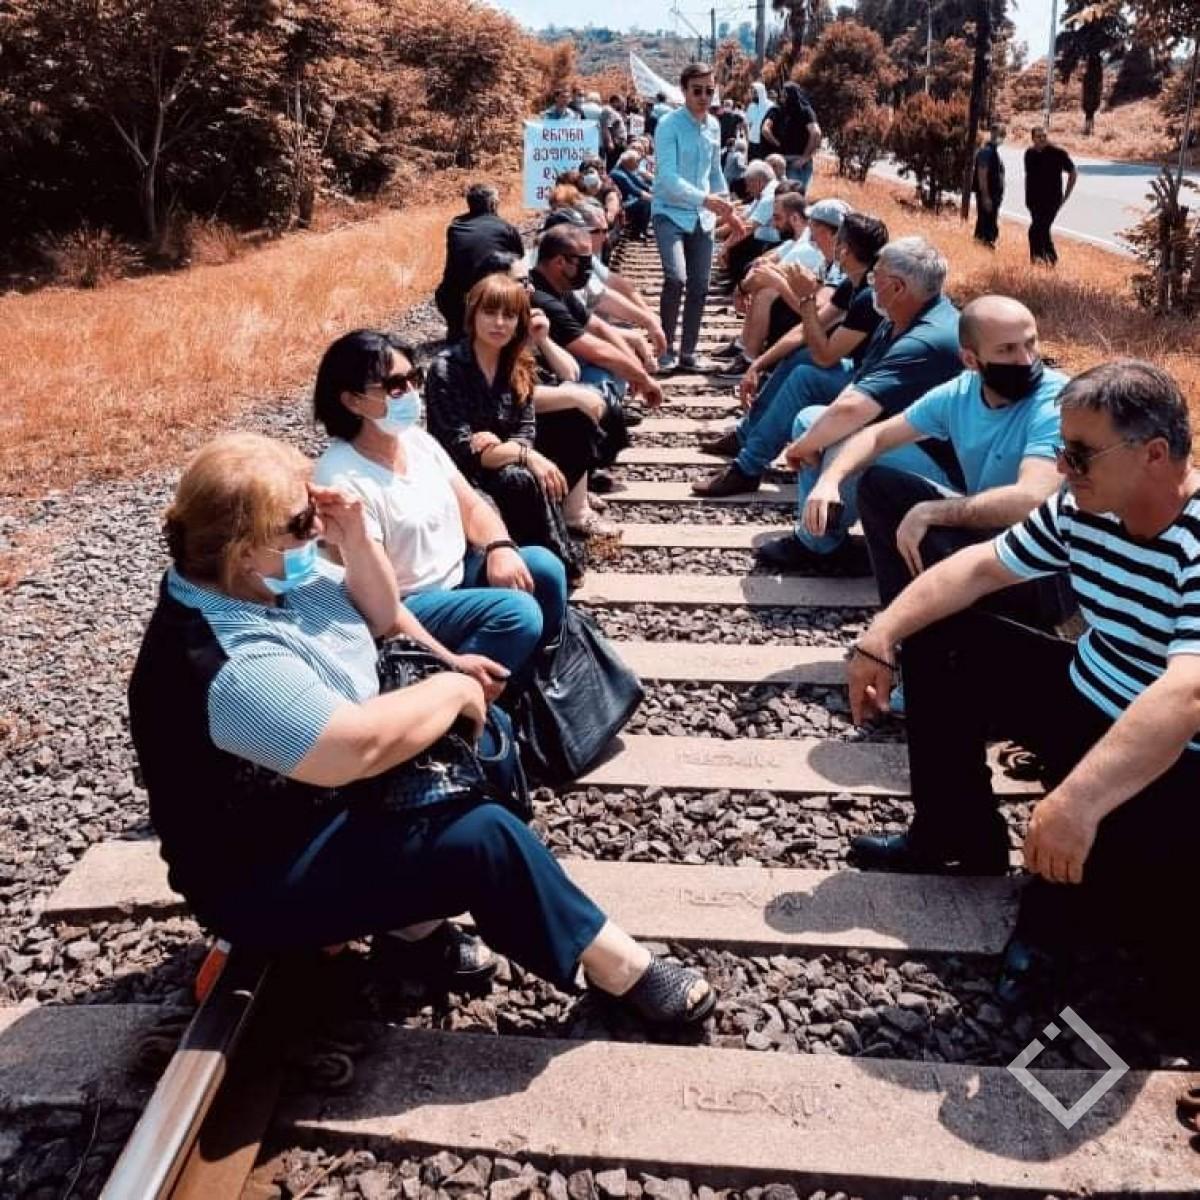 აქცია ბობოყვათში - მოსახლეობამ რკინიგზა გადაკეტა